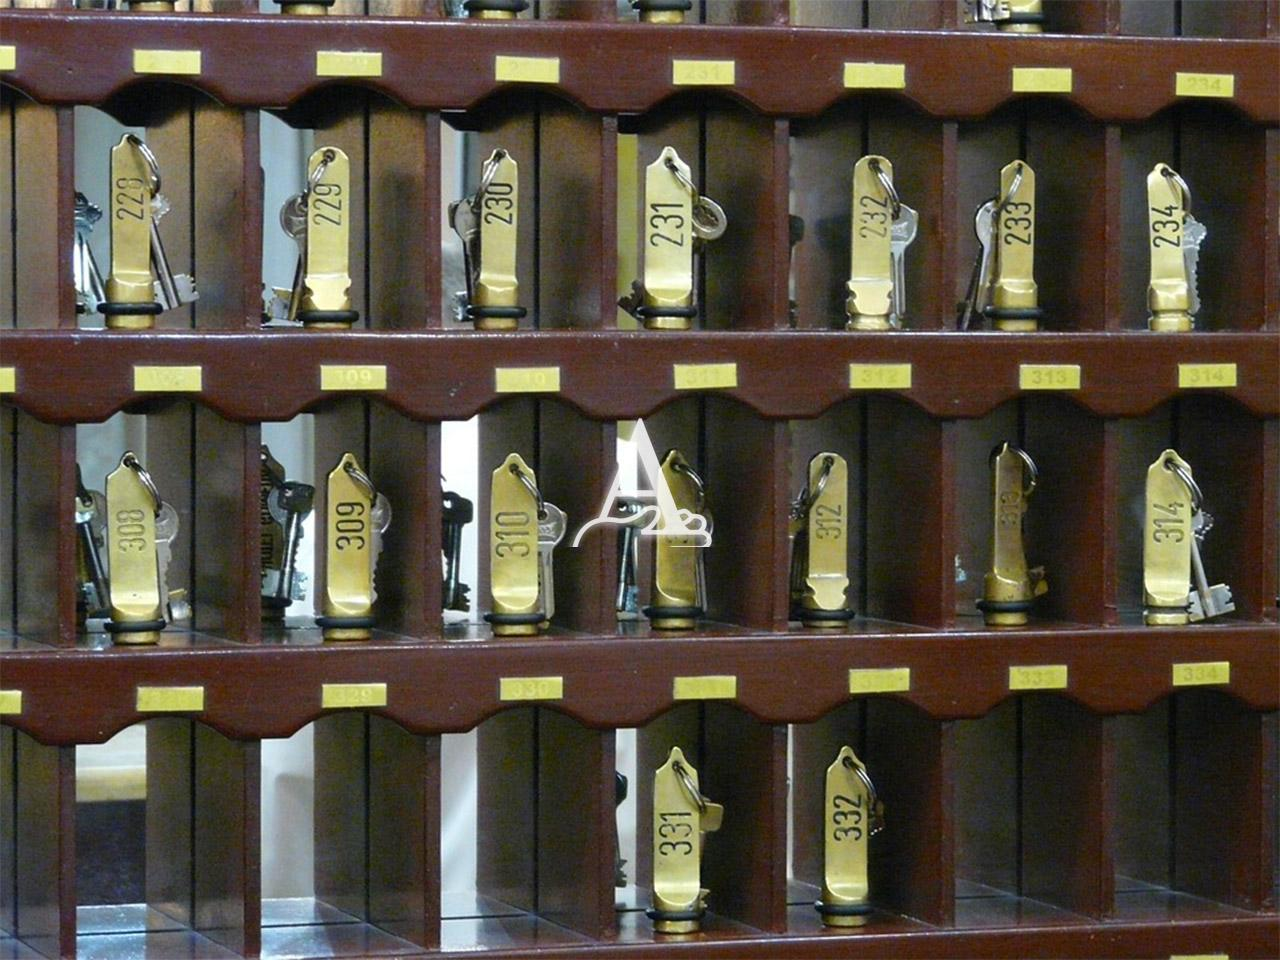 Albergo in vendita a Peschiera del Garda, 9999 locali, prezzo € 250.000 | CambioCasa.it